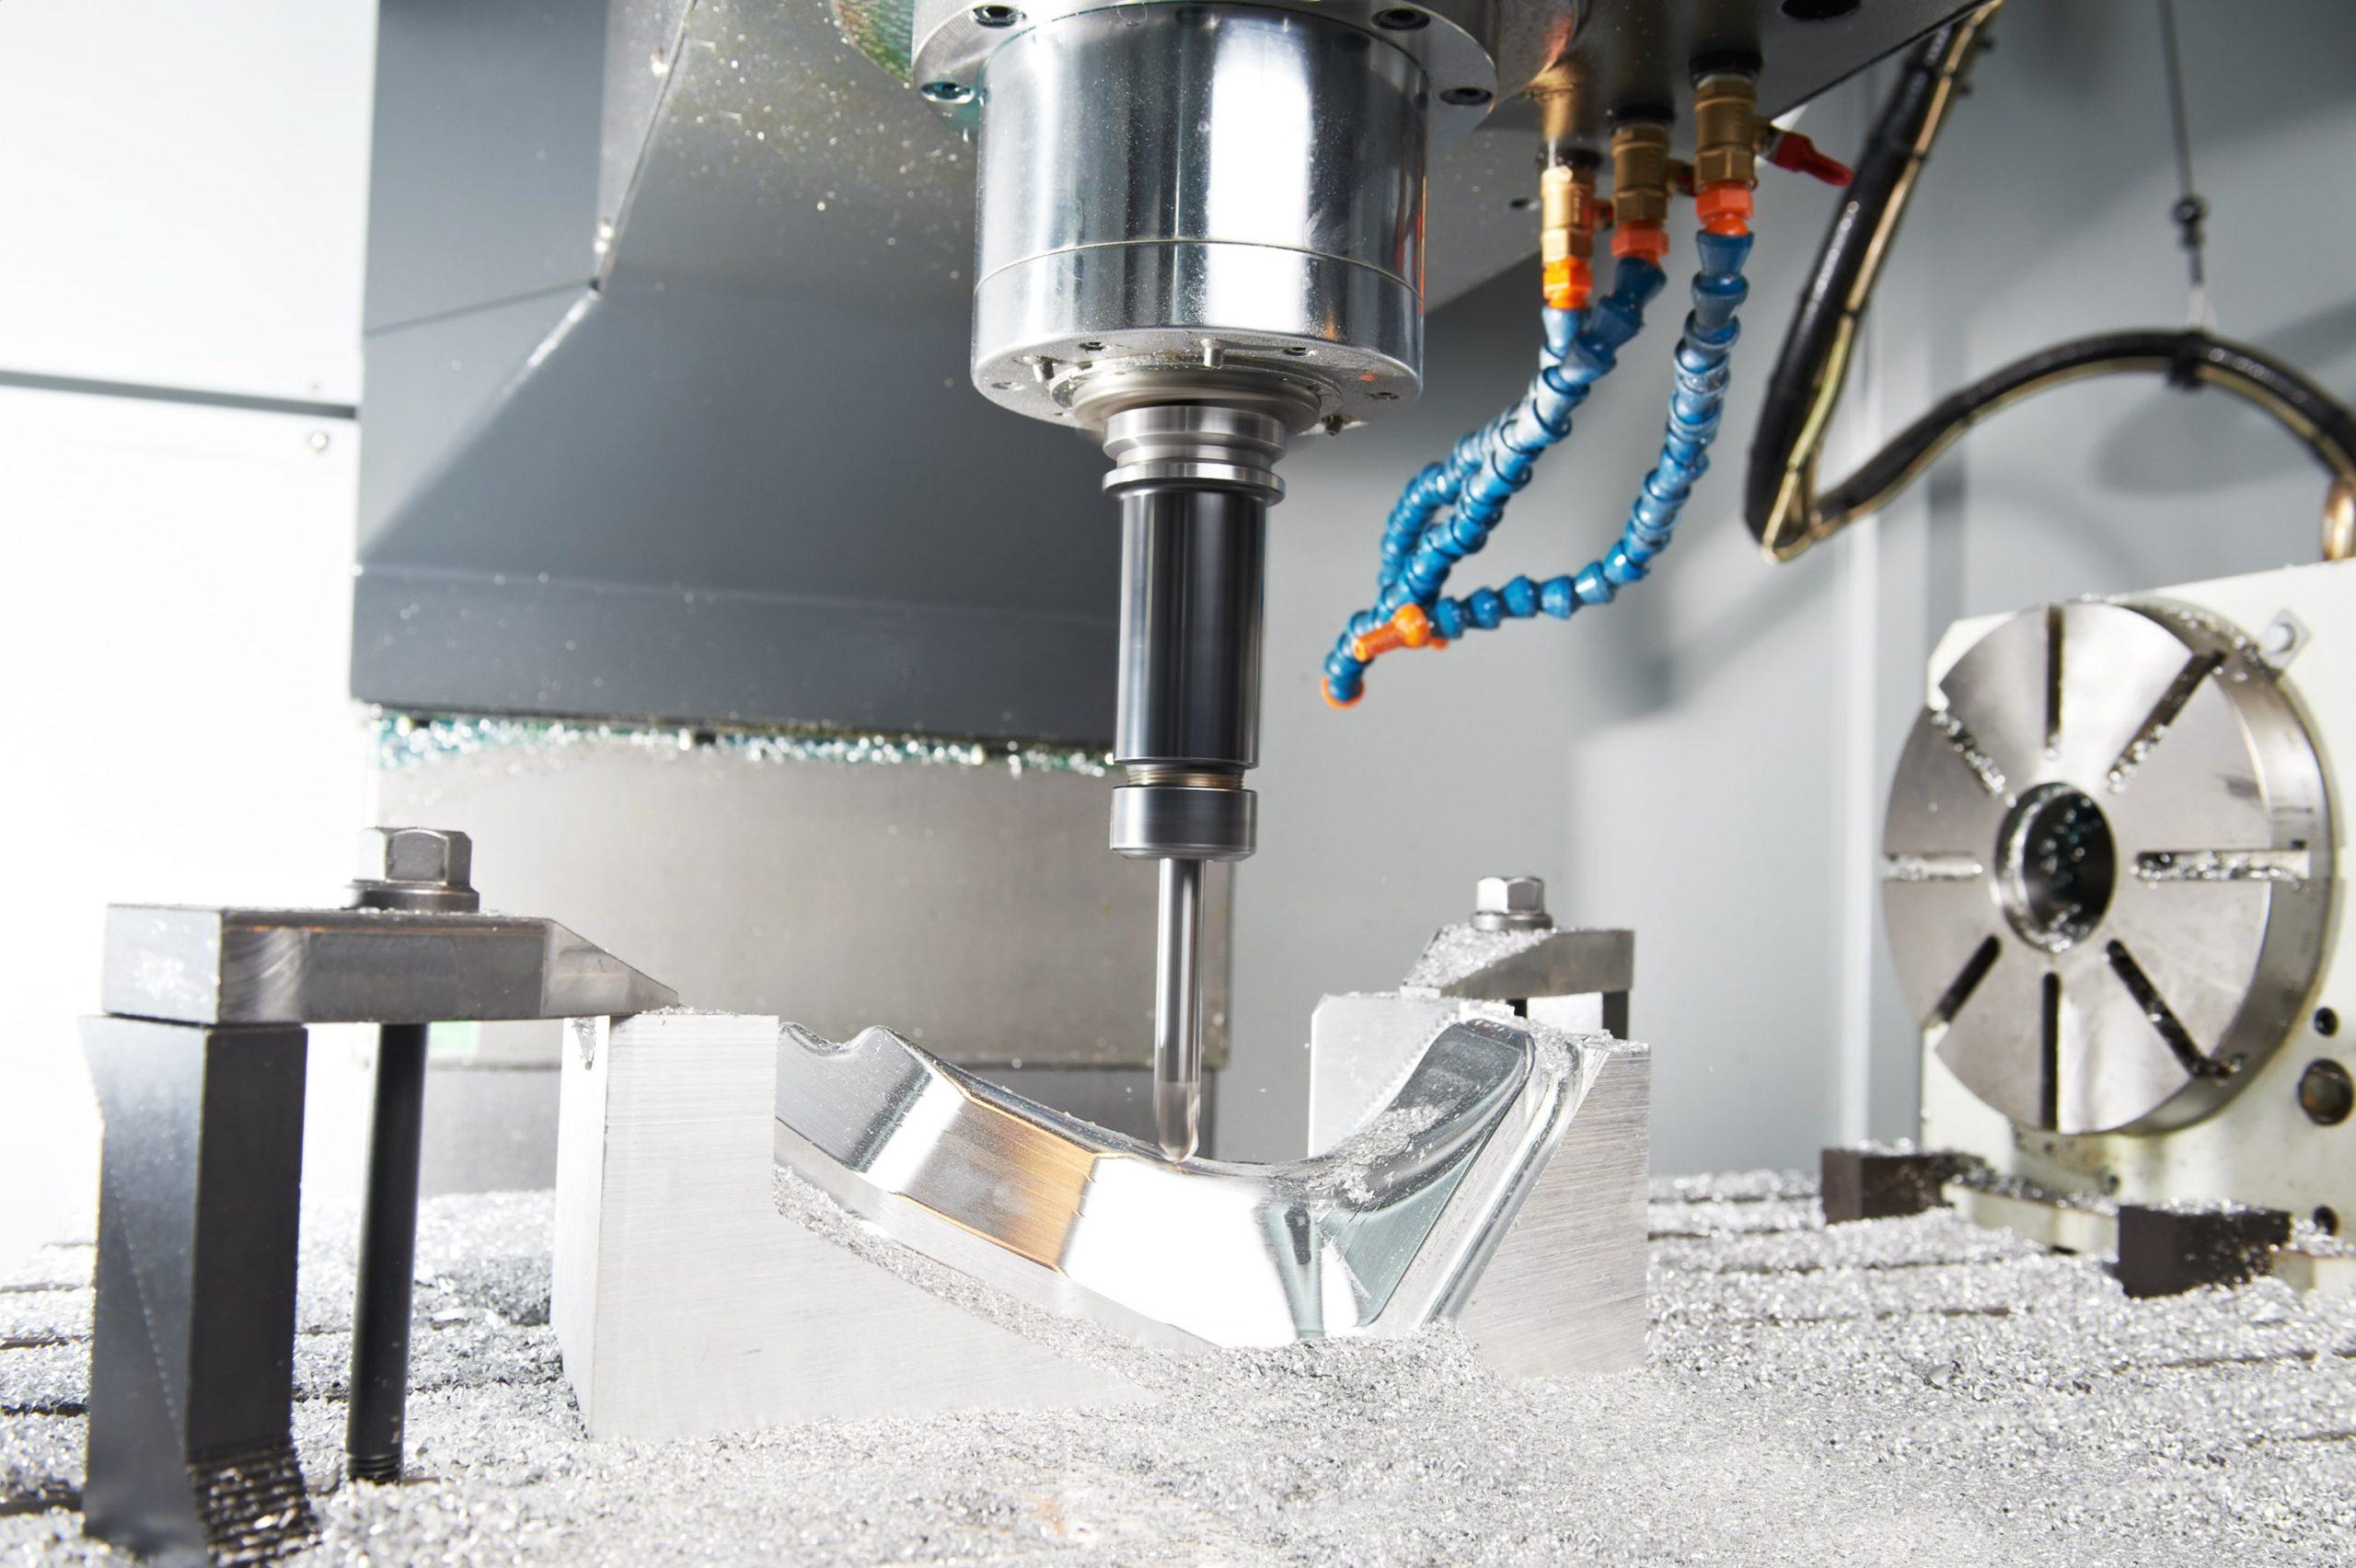 cnc milling process closeup-